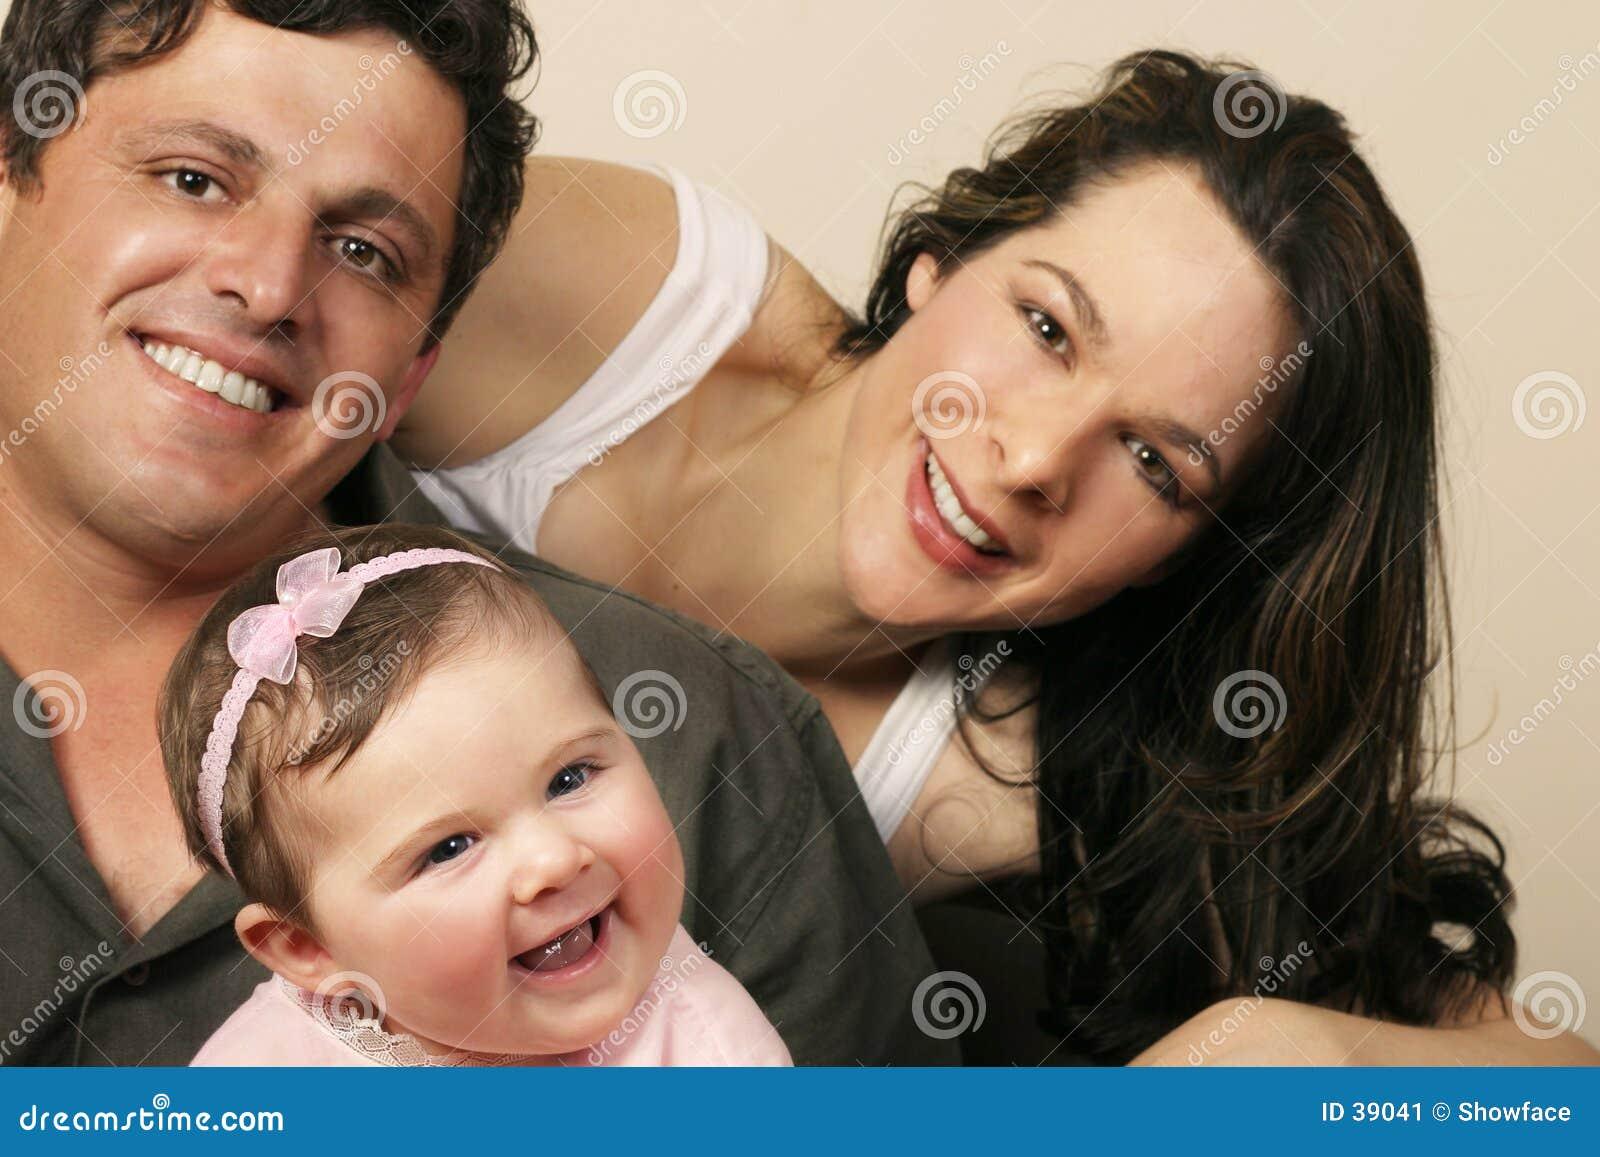 Download Todo sonríe imagen de archivo. Imagen de loving, feliz, familia - 39041